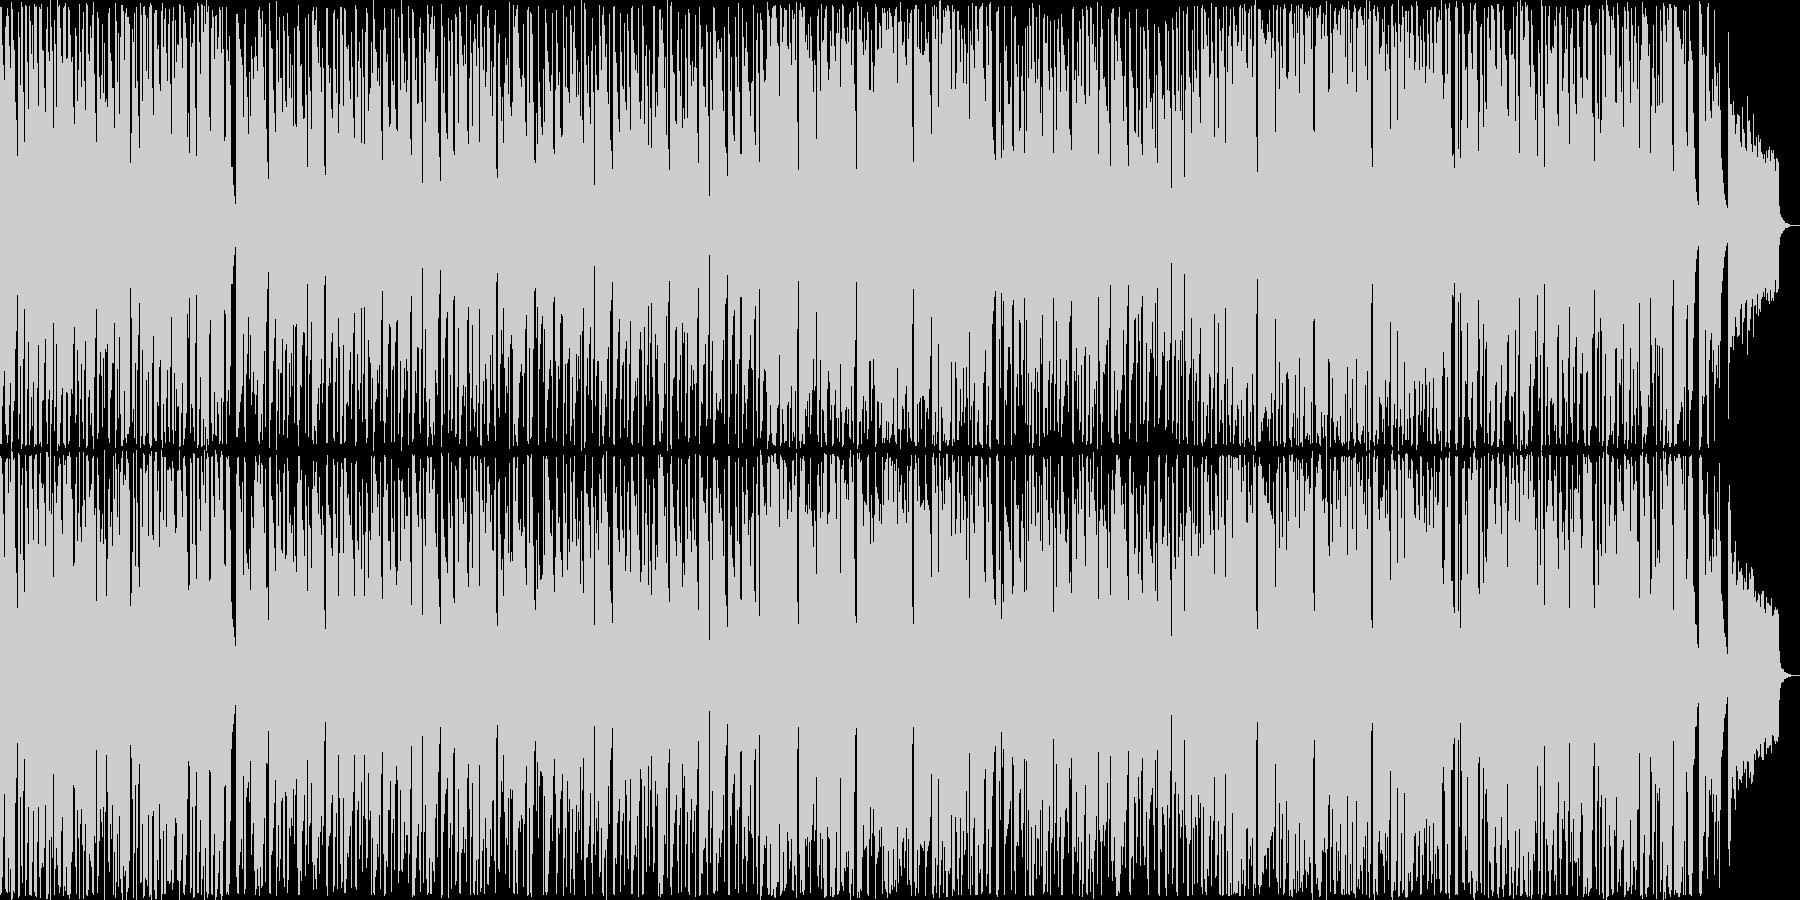 アコギとサックスのさわやかで優しい曲の未再生の波形